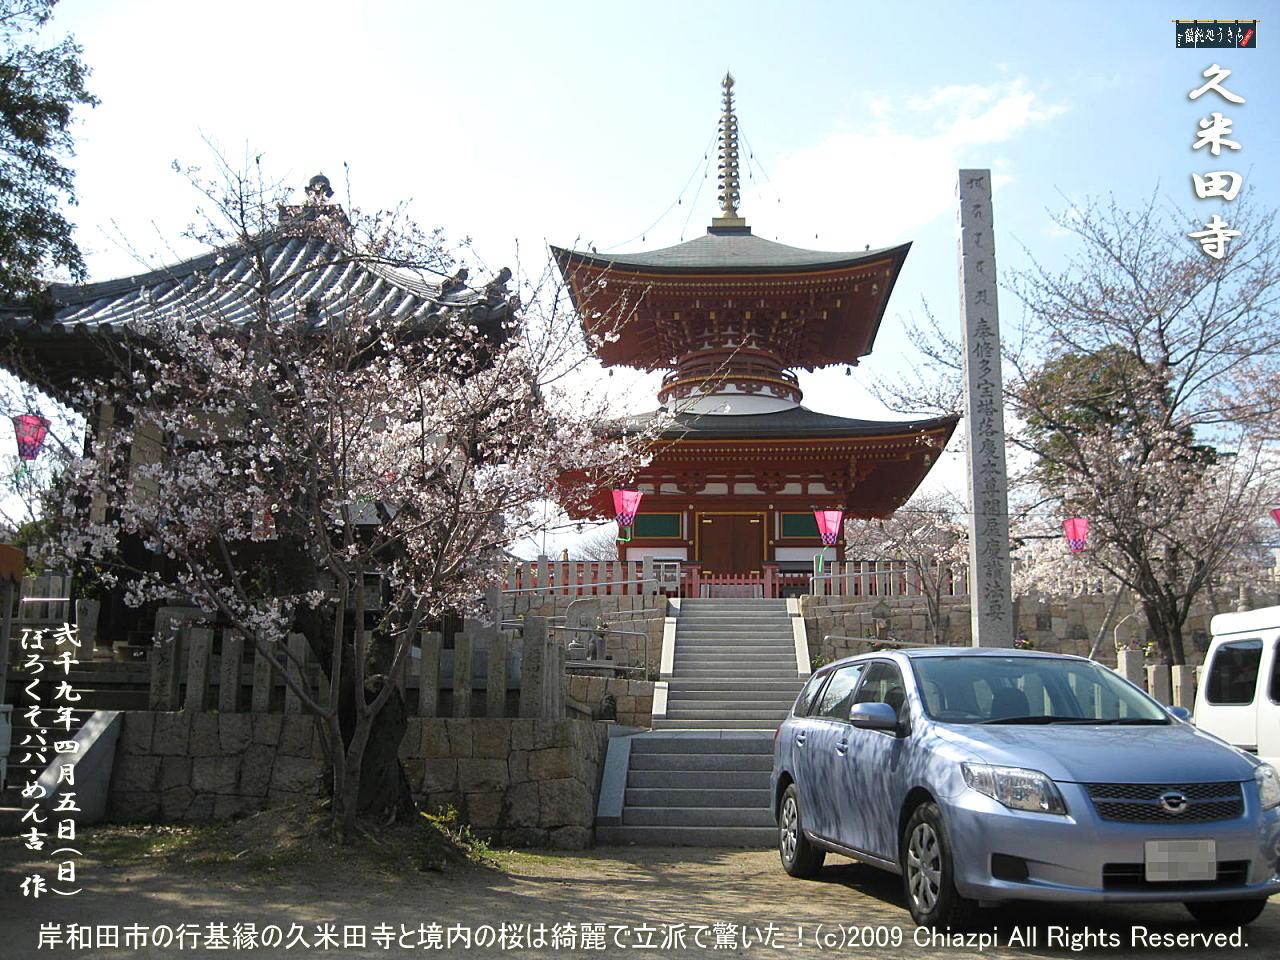 4/5(日)【久米田寺】岸和田市の行基縁の久米田寺と境内の桜は綺麗で立派で驚いた!@キャツピ&めん吉の【ぼろくそパパの独り言】     ▼クリックで1280x960pxlsに拡大します。